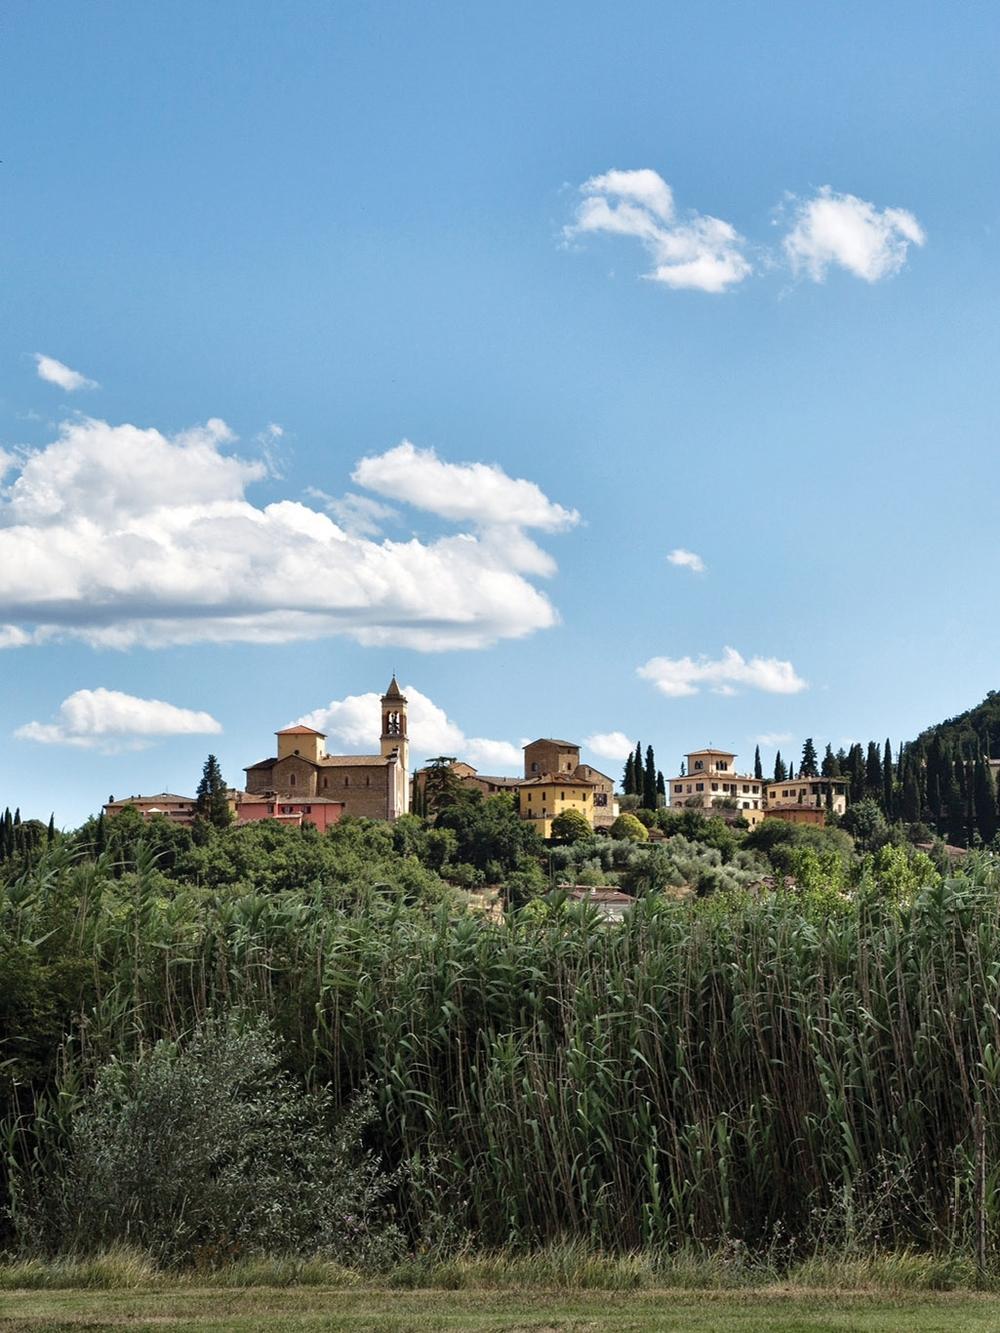 曾經日漸蕭條的小鎮Solomeo如今因Brunello Cucinelli而重獲新生,居民已達600餘人,大部份為Brunello Cucinelli的僱員。